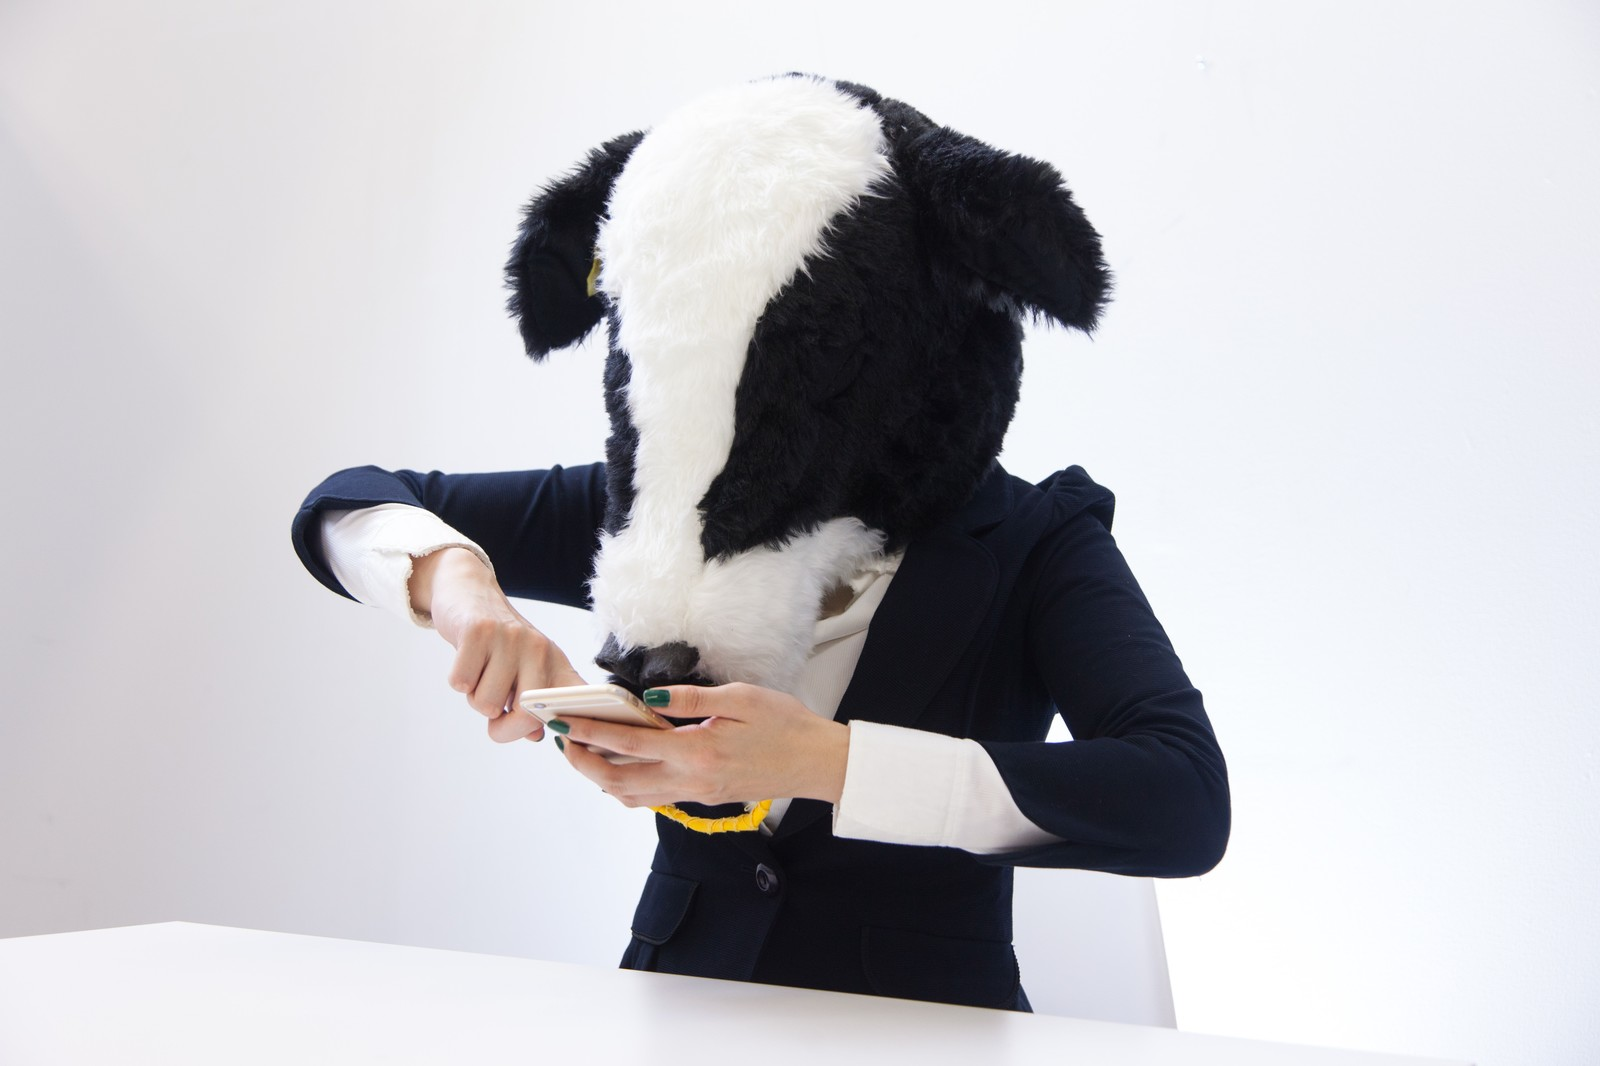 「スマホゲームに必死なエト牛 | 写真の無料素材・フリー素材 - ぱくたそ」の写真[モデル:古性のっち]